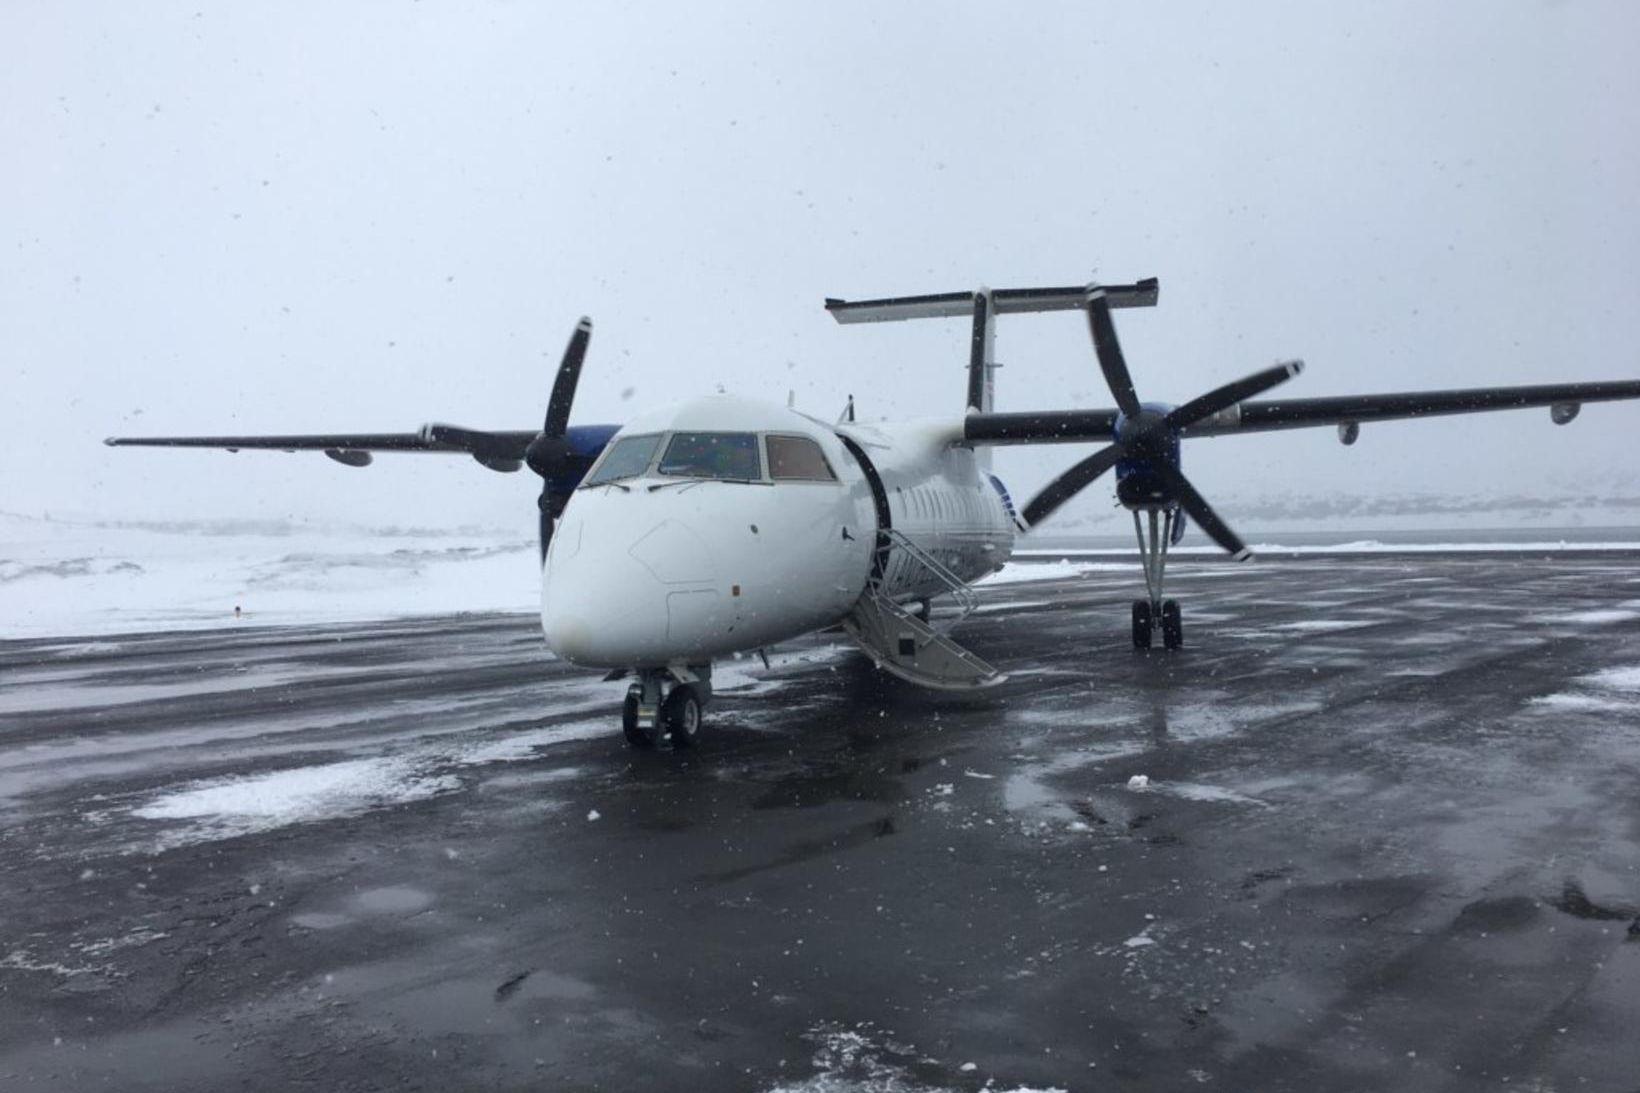 TF-SIF, eftirlitsflugvél Landhelgisgæslunnar.